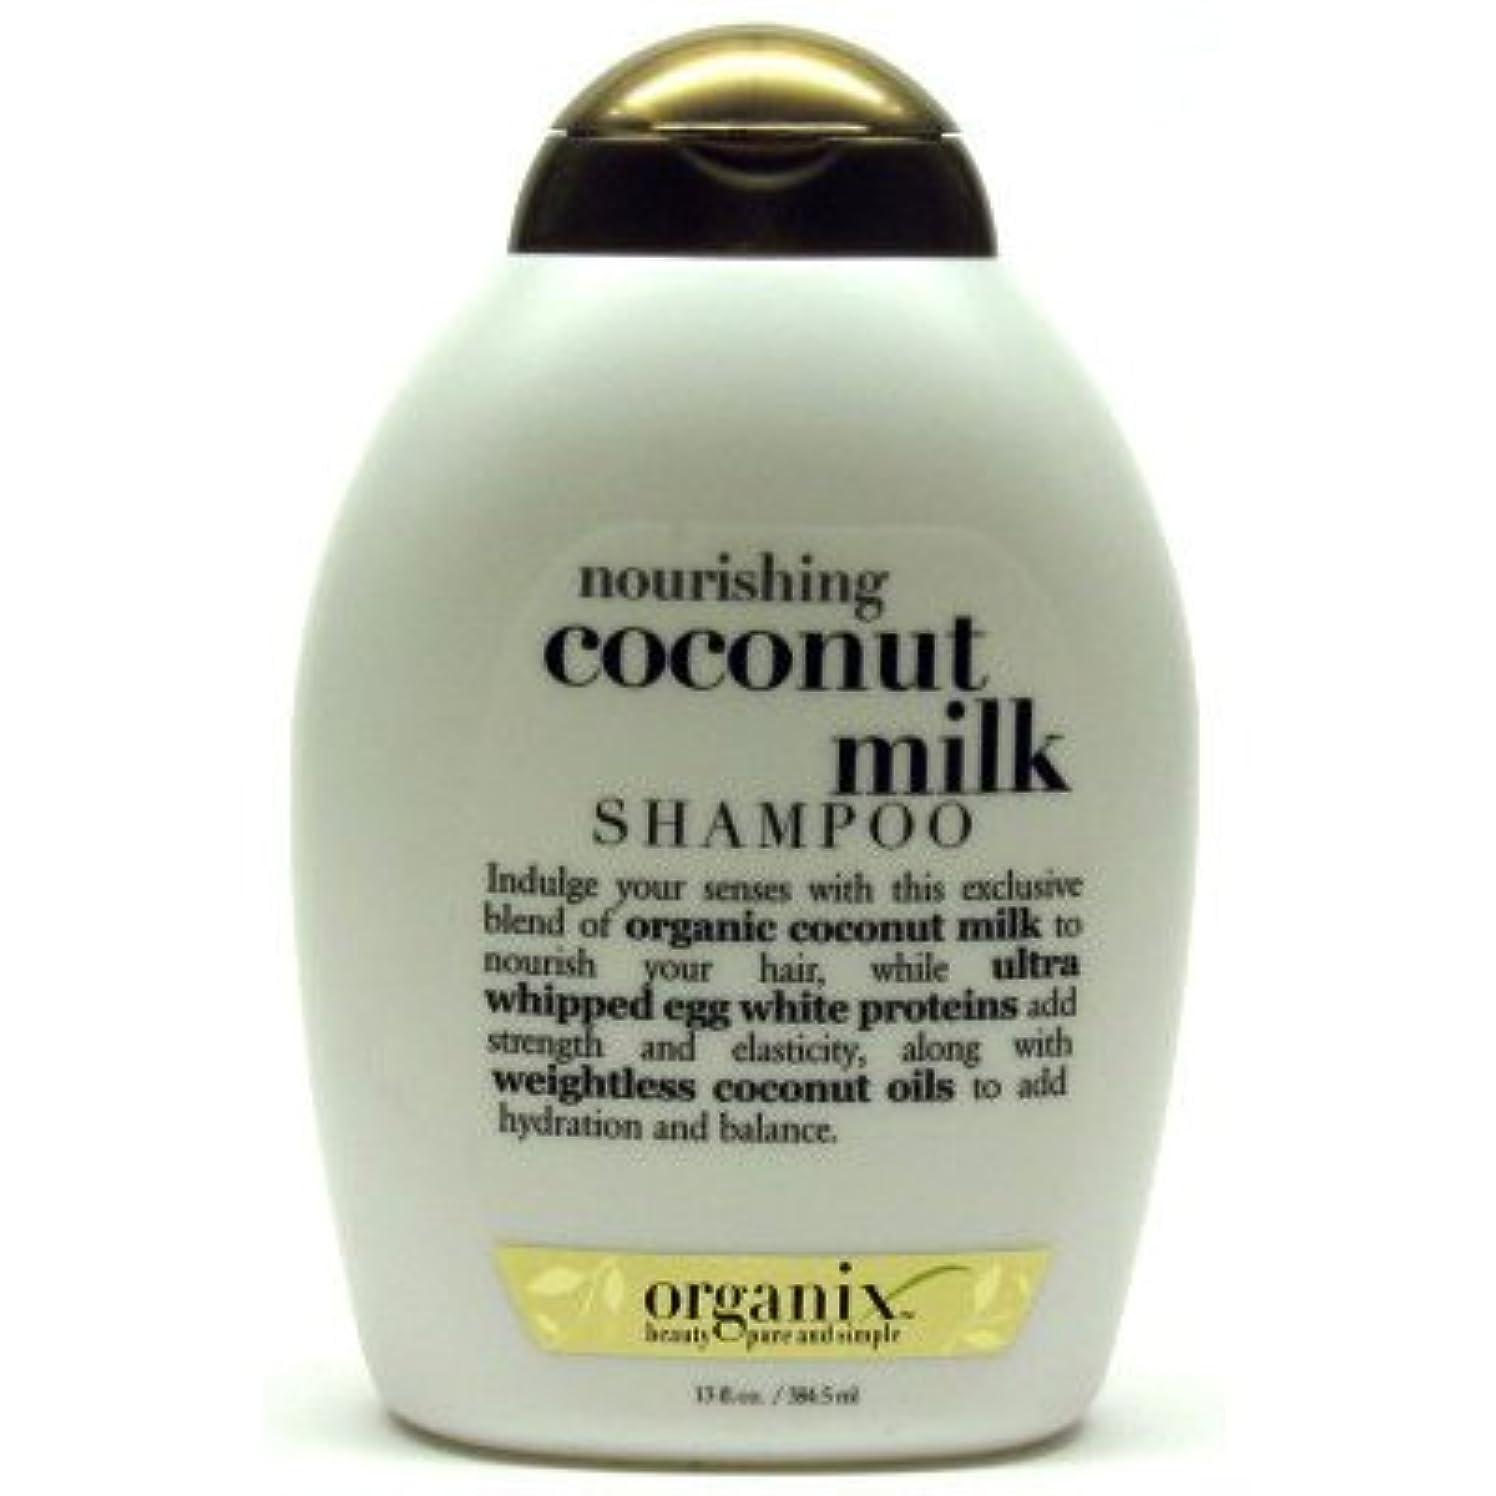 原稿漏れ空髪いきいきココナッツミルクシャンプー 384ml (並行輸入品)